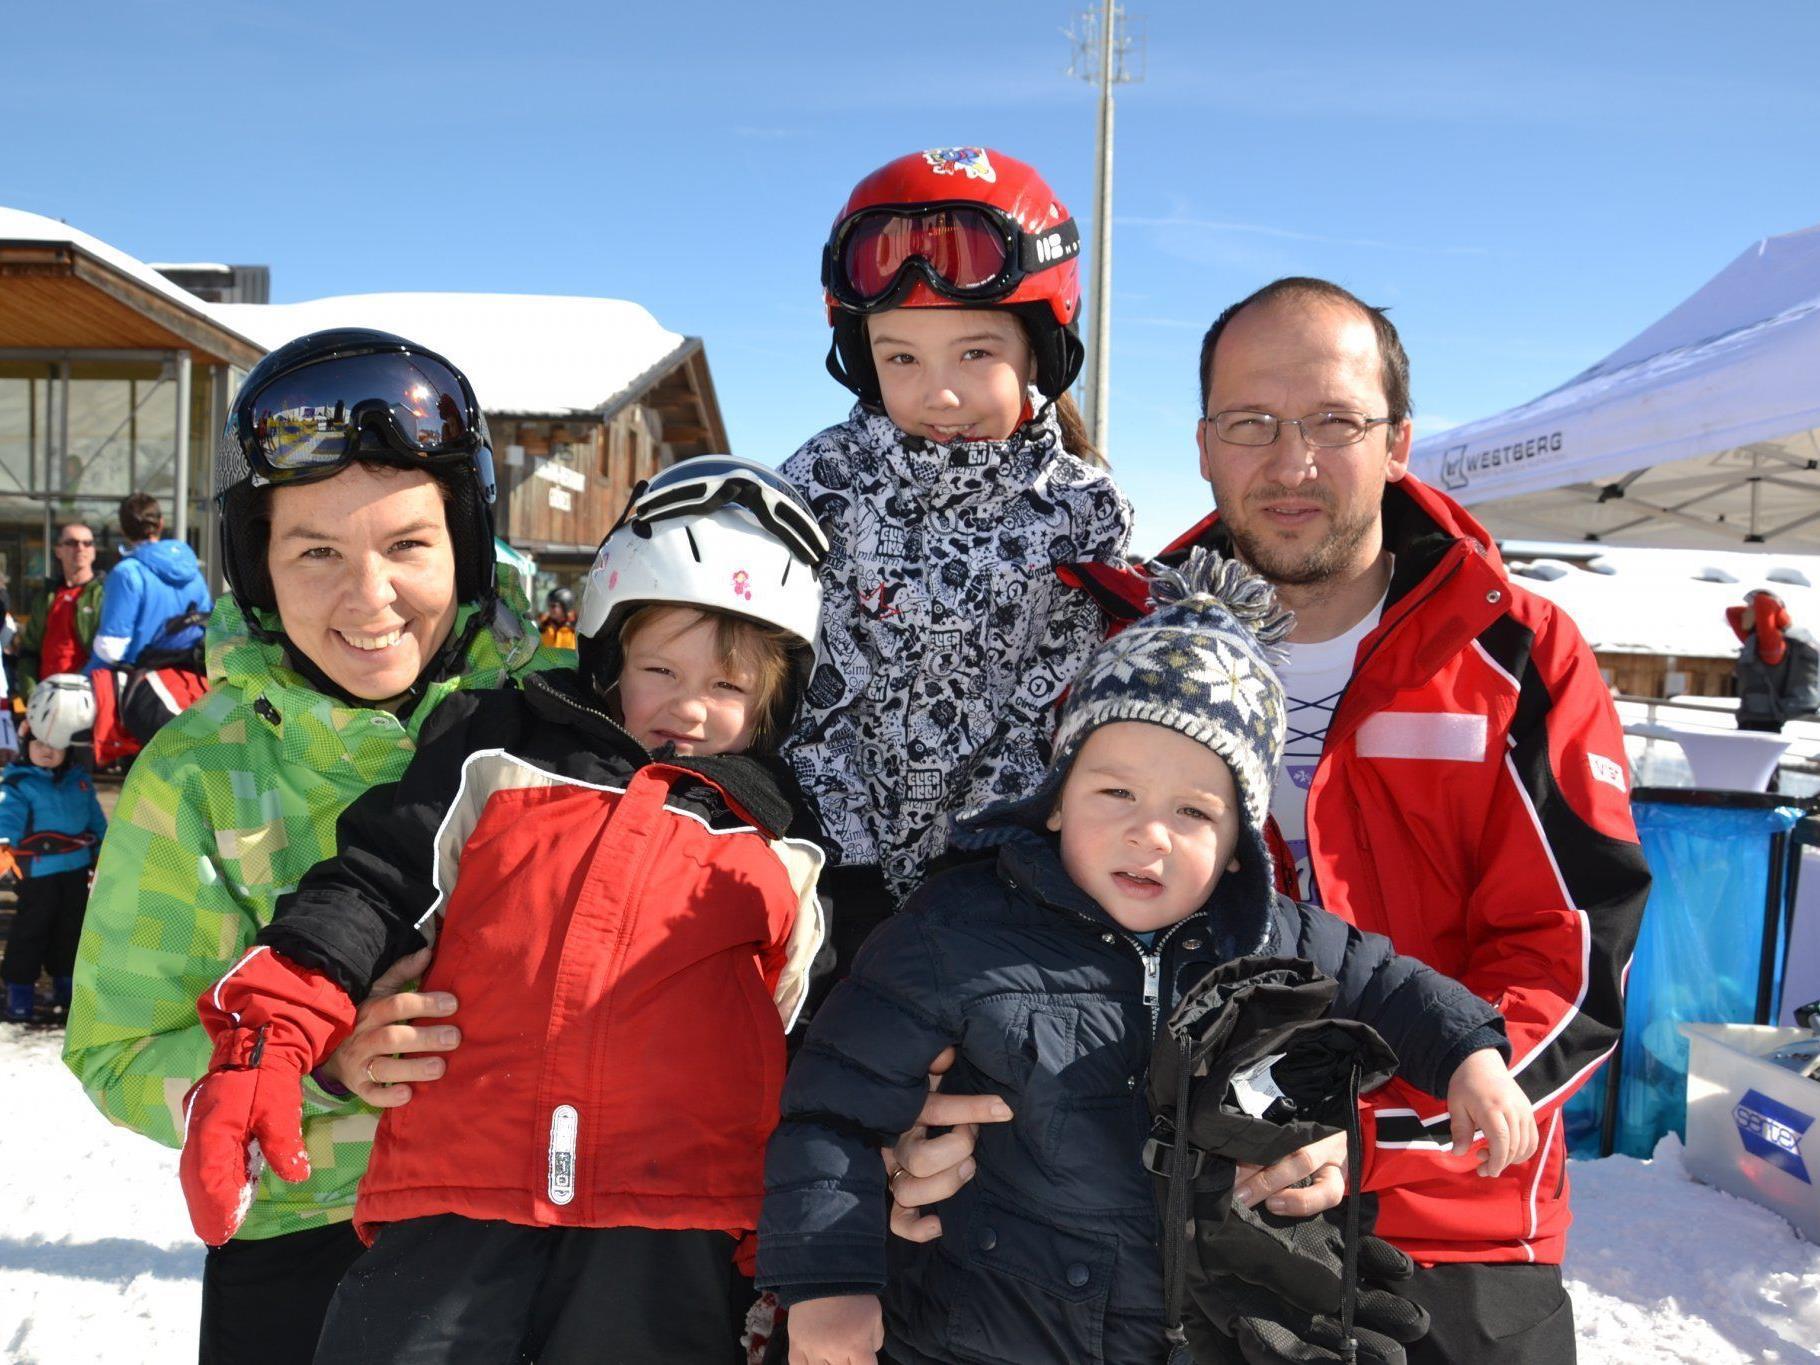 Für Jung und Alt ein spannendes Rennen: Das Diabolo-Skitourenrennen am Golm